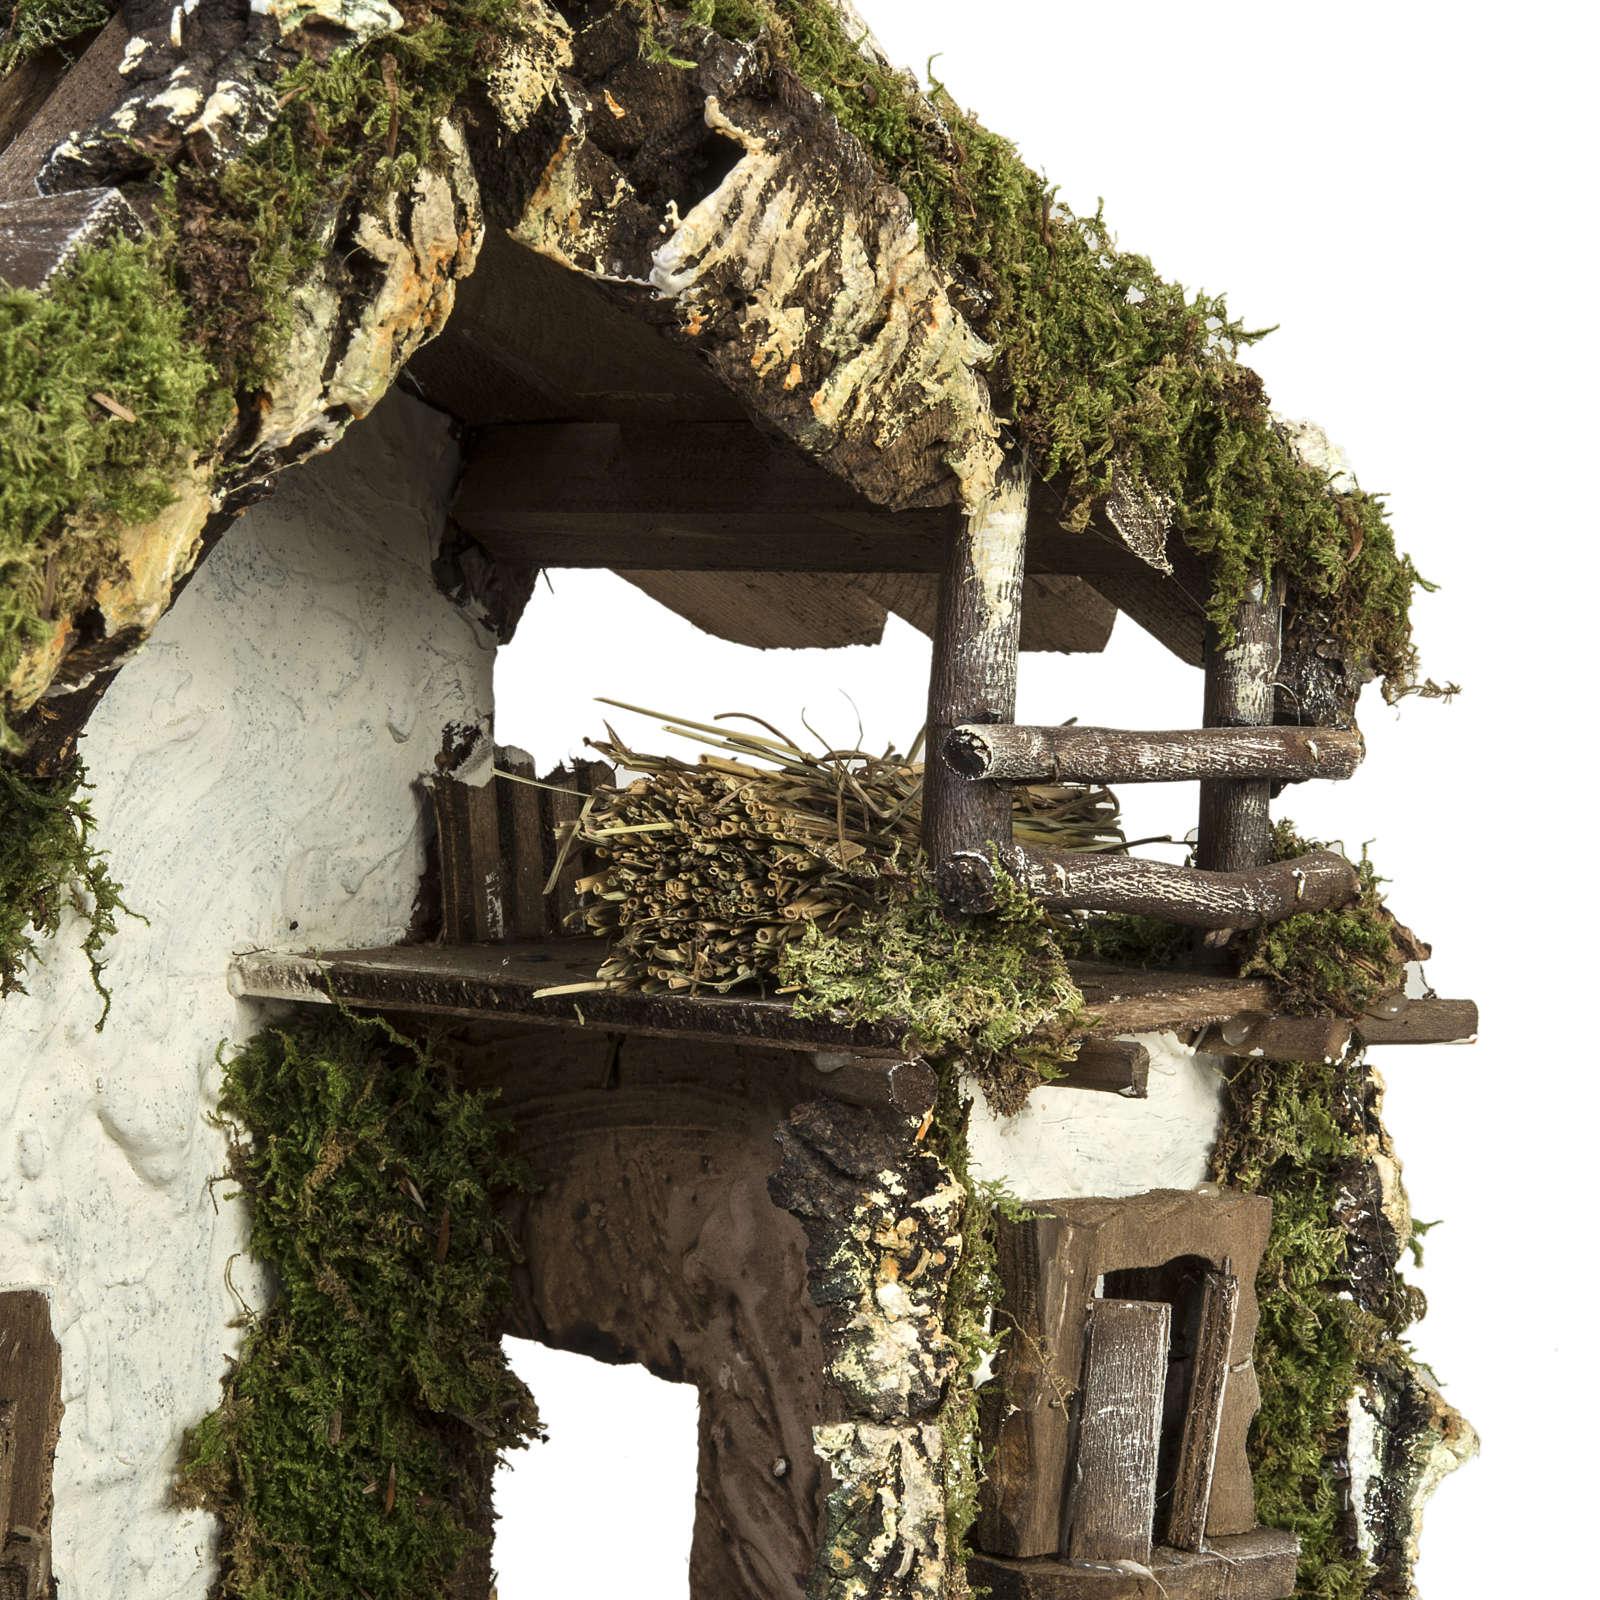 Cabaña con puerta y ventana 30x42x18cm 4